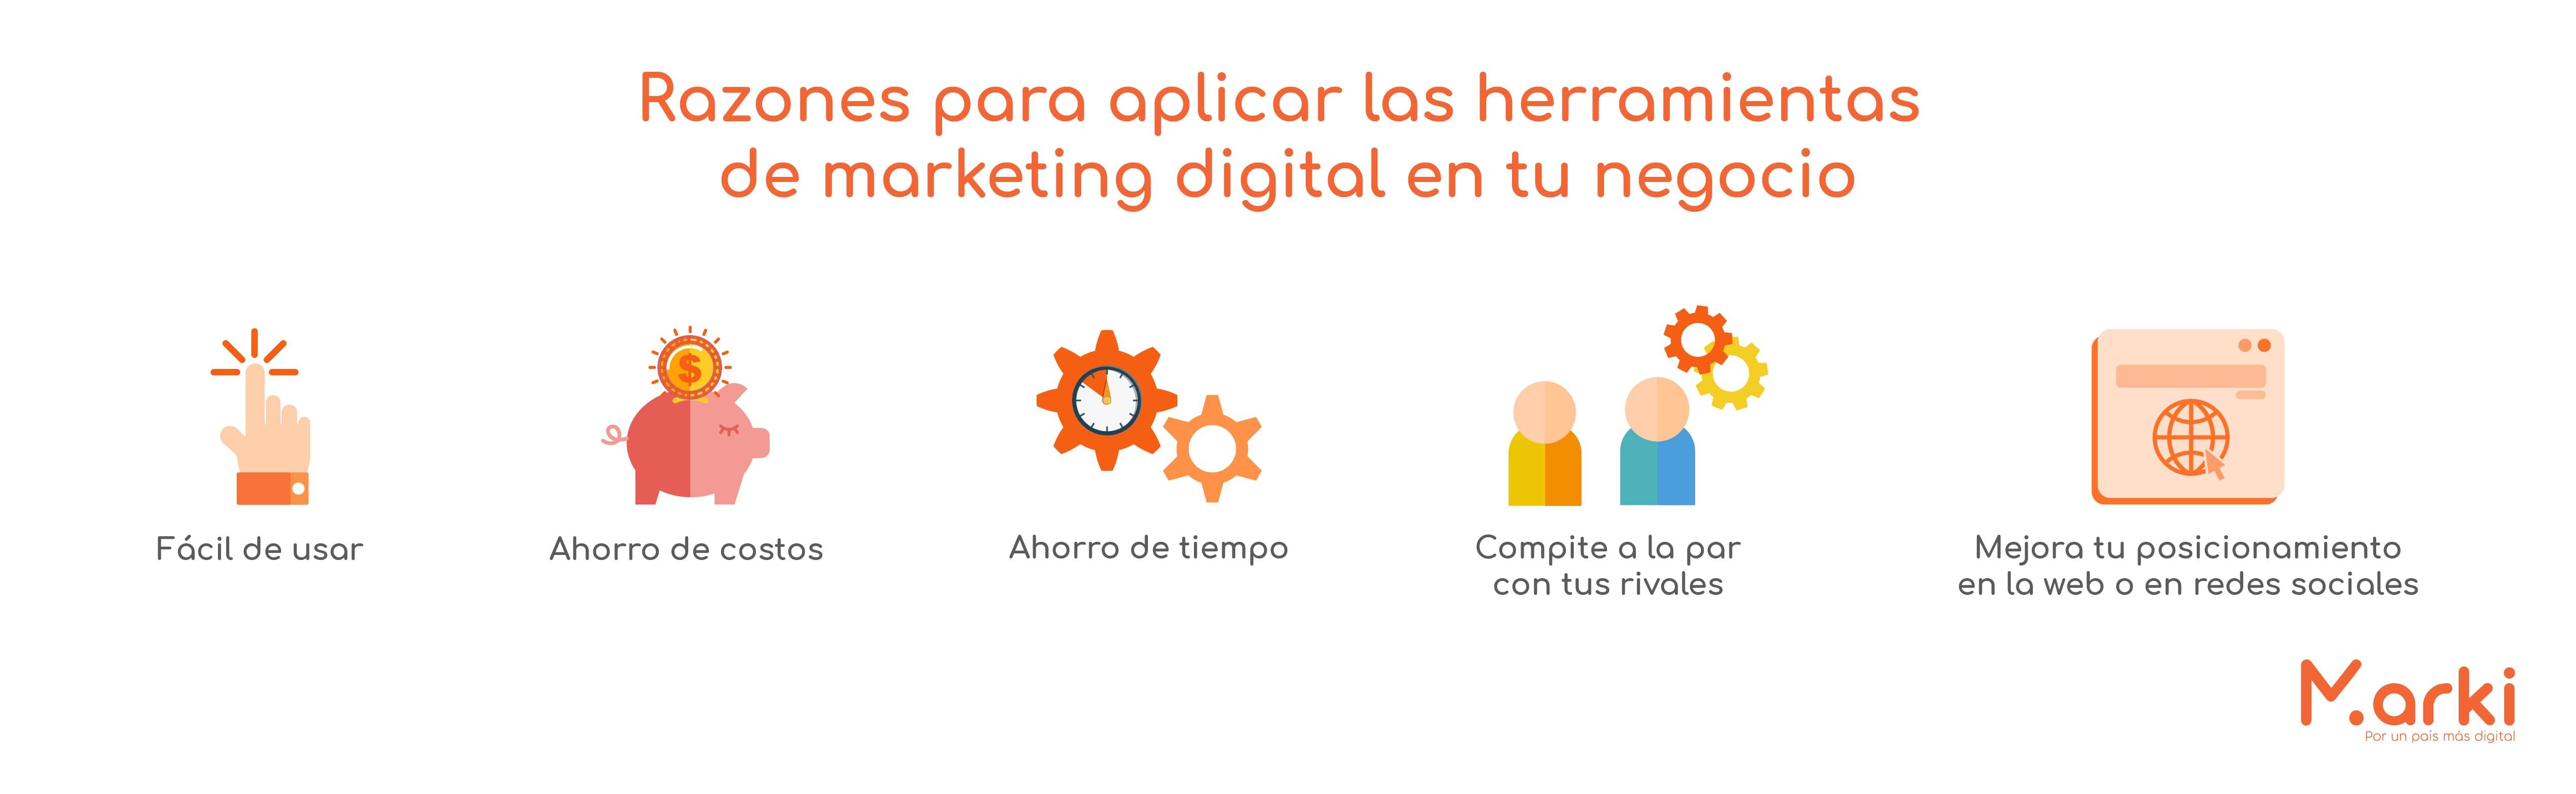 porque usar herramientas de marketing digital facebook como herramienta de marketing digital herramientas de marketing digital herramientas de facebook para marketing digital marketing digital para emprendedores voluntariado marki diseño marki marki blog ¿Qué son las herramientas digitales y para qué sirven?